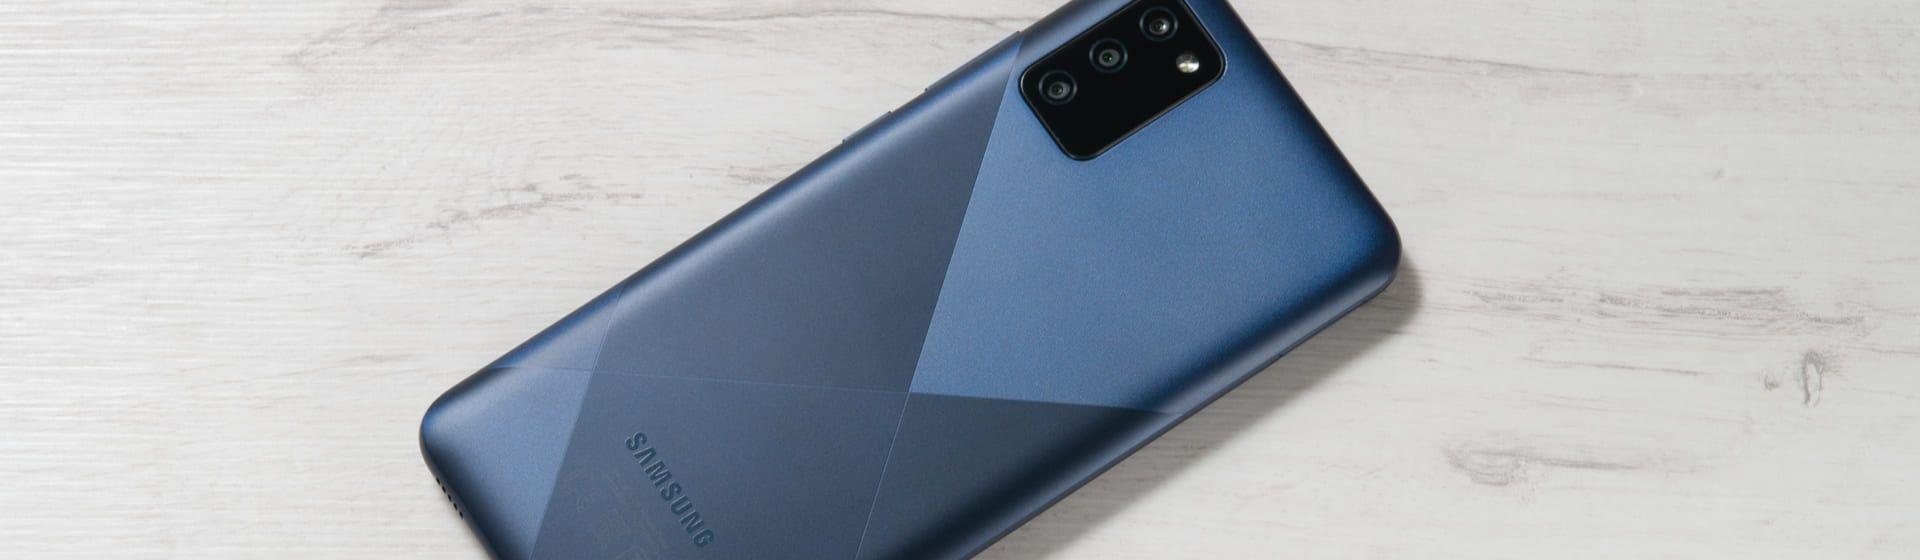 A02s é bom? Confira a ficha técnica do celular Samsung